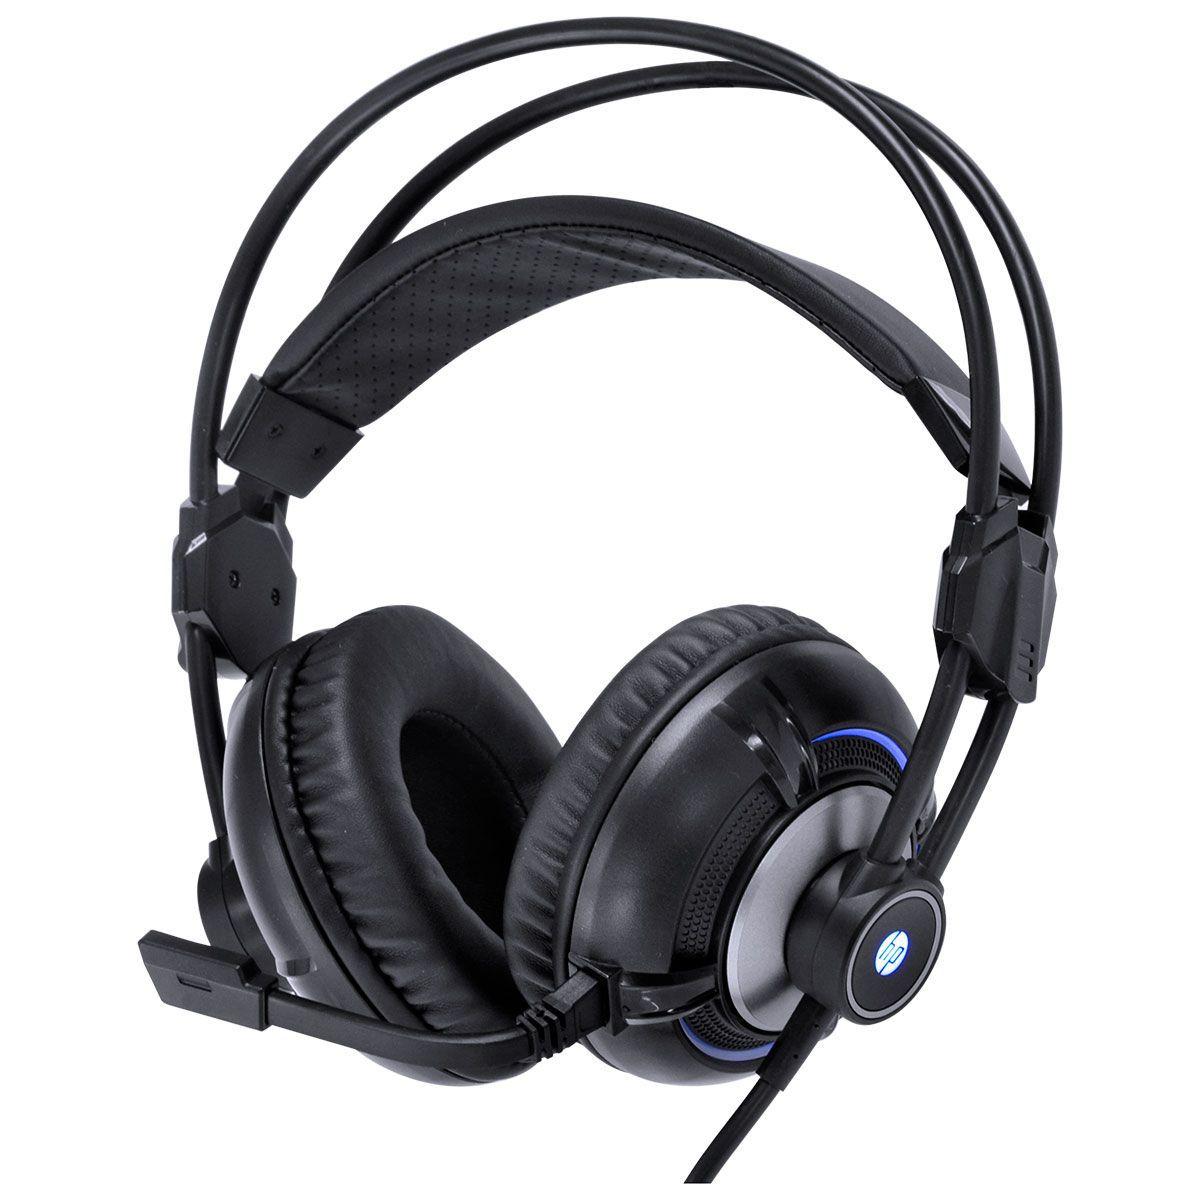 Headset Gamer H300 Preto 2.1 com Vibração - HP